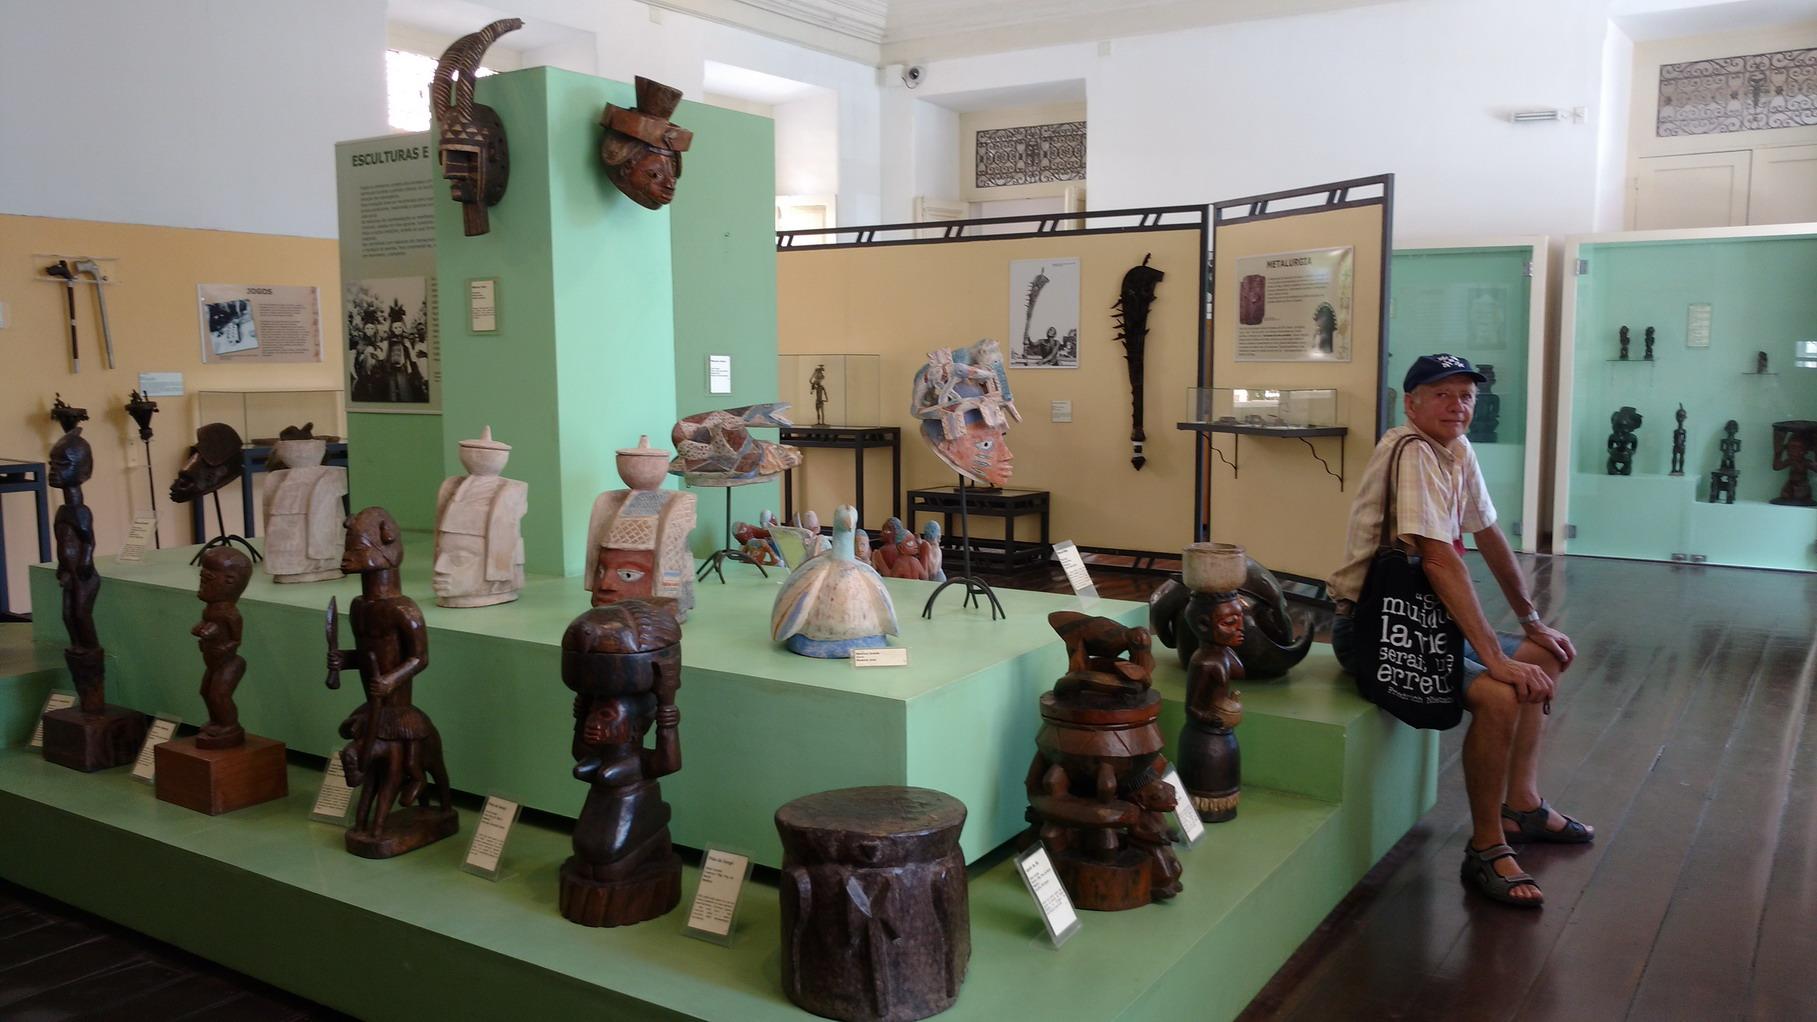 42. SdB, centre historique, musée afro-brésilien, les jambes commencent à fatiguer